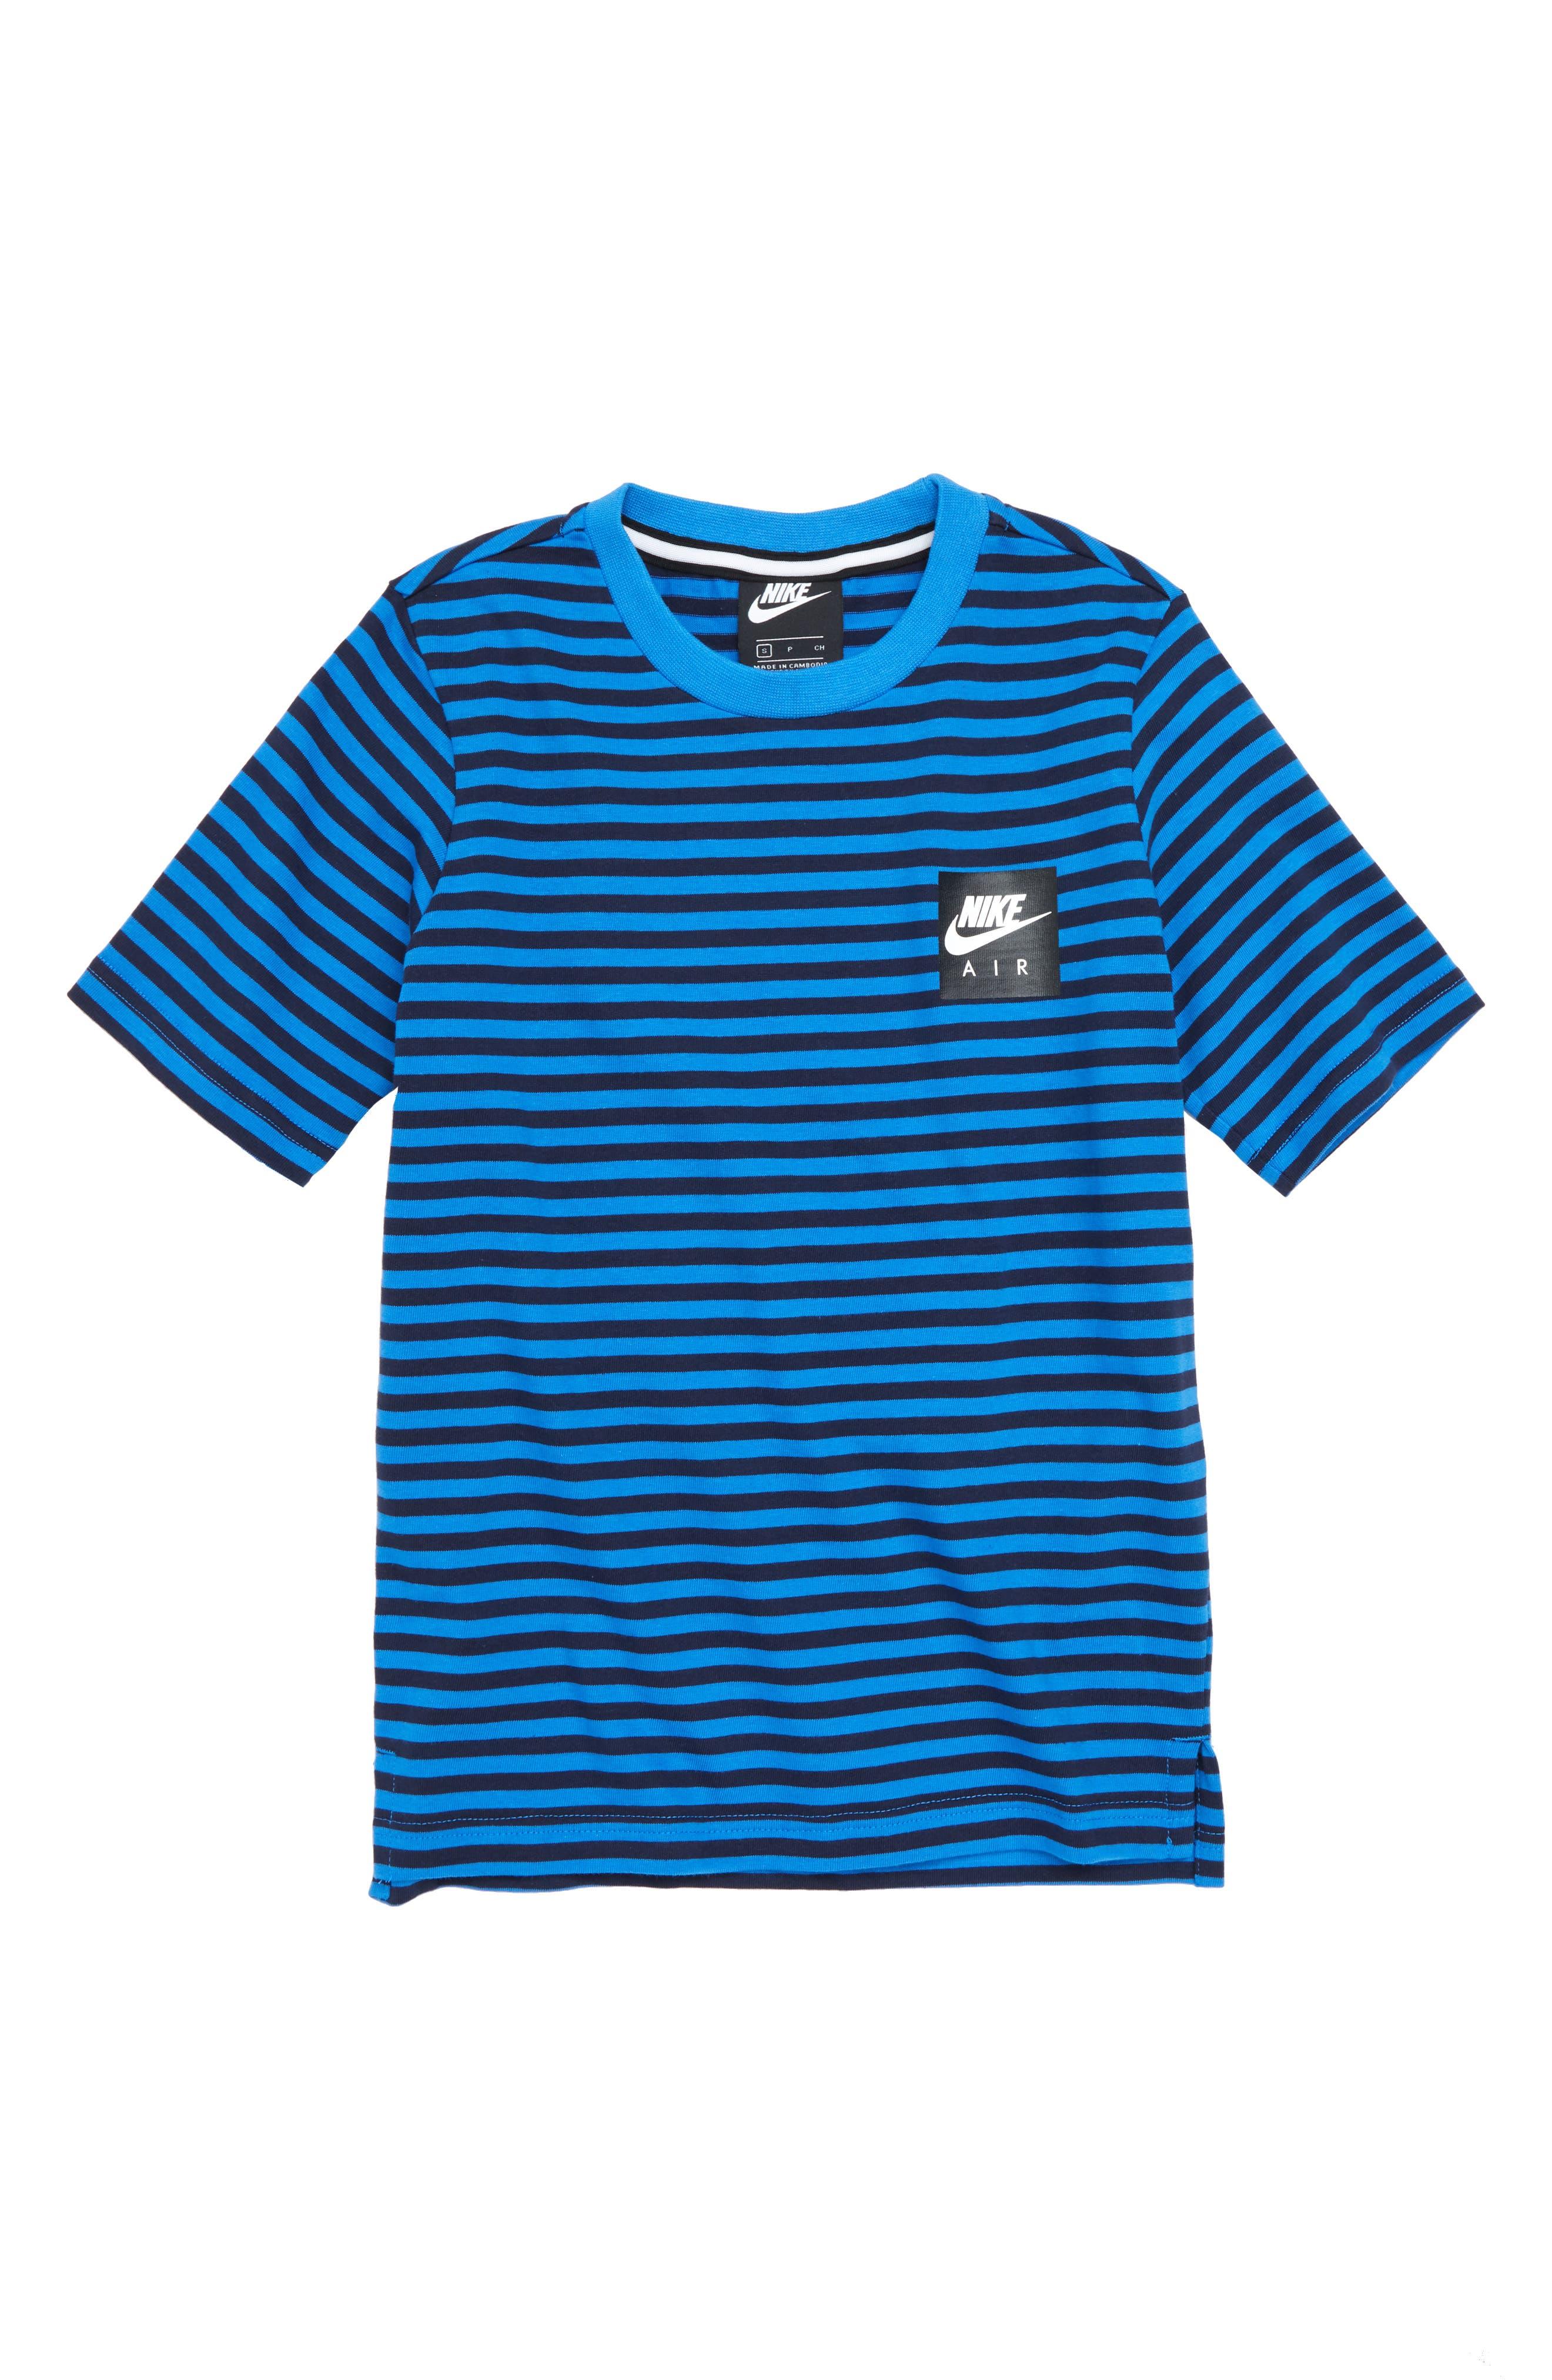 Air T-Shirt,                             Main thumbnail 1, color,                             OBSIDIAN/ SIGNAL BLUE